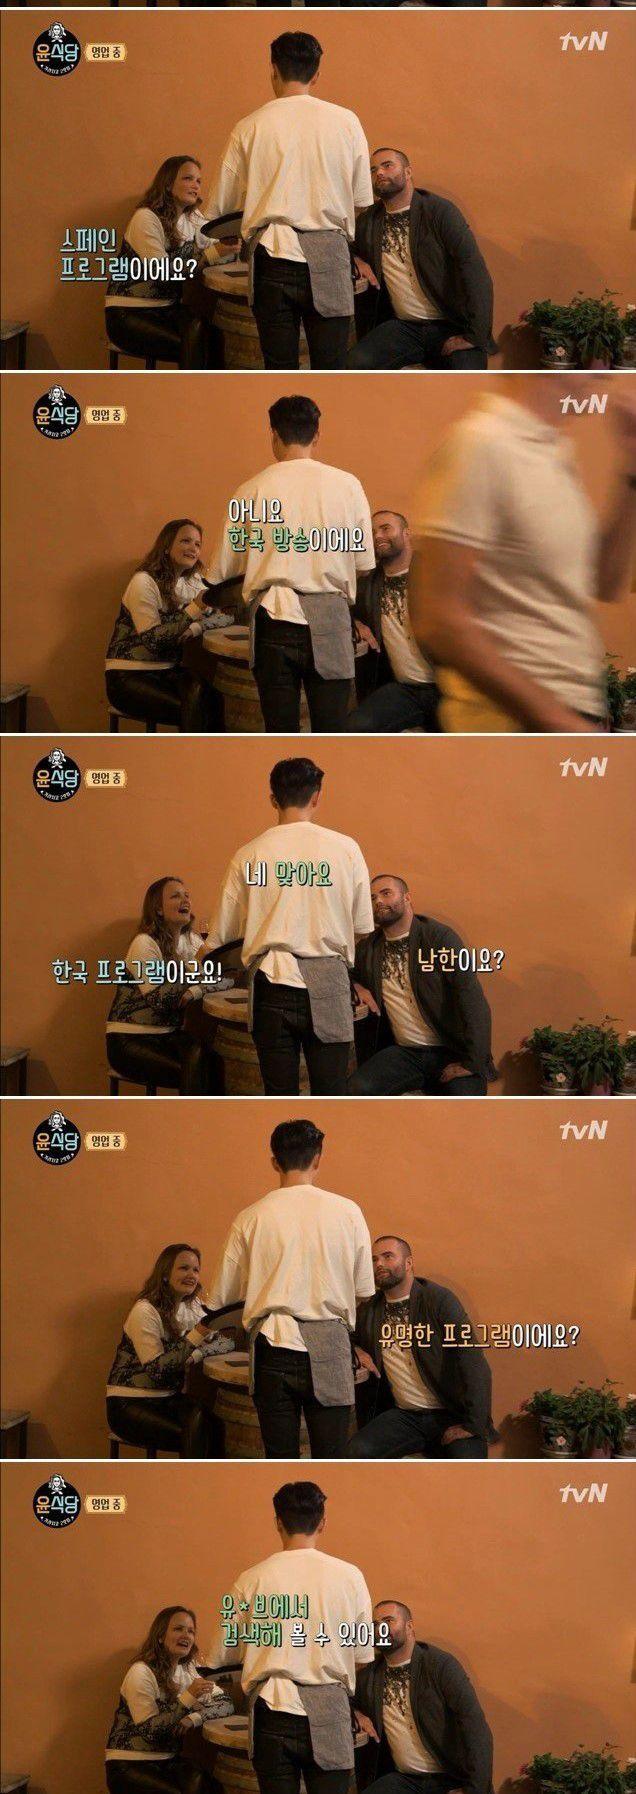 출처: tvN [윤식당] 방송 캡쳐